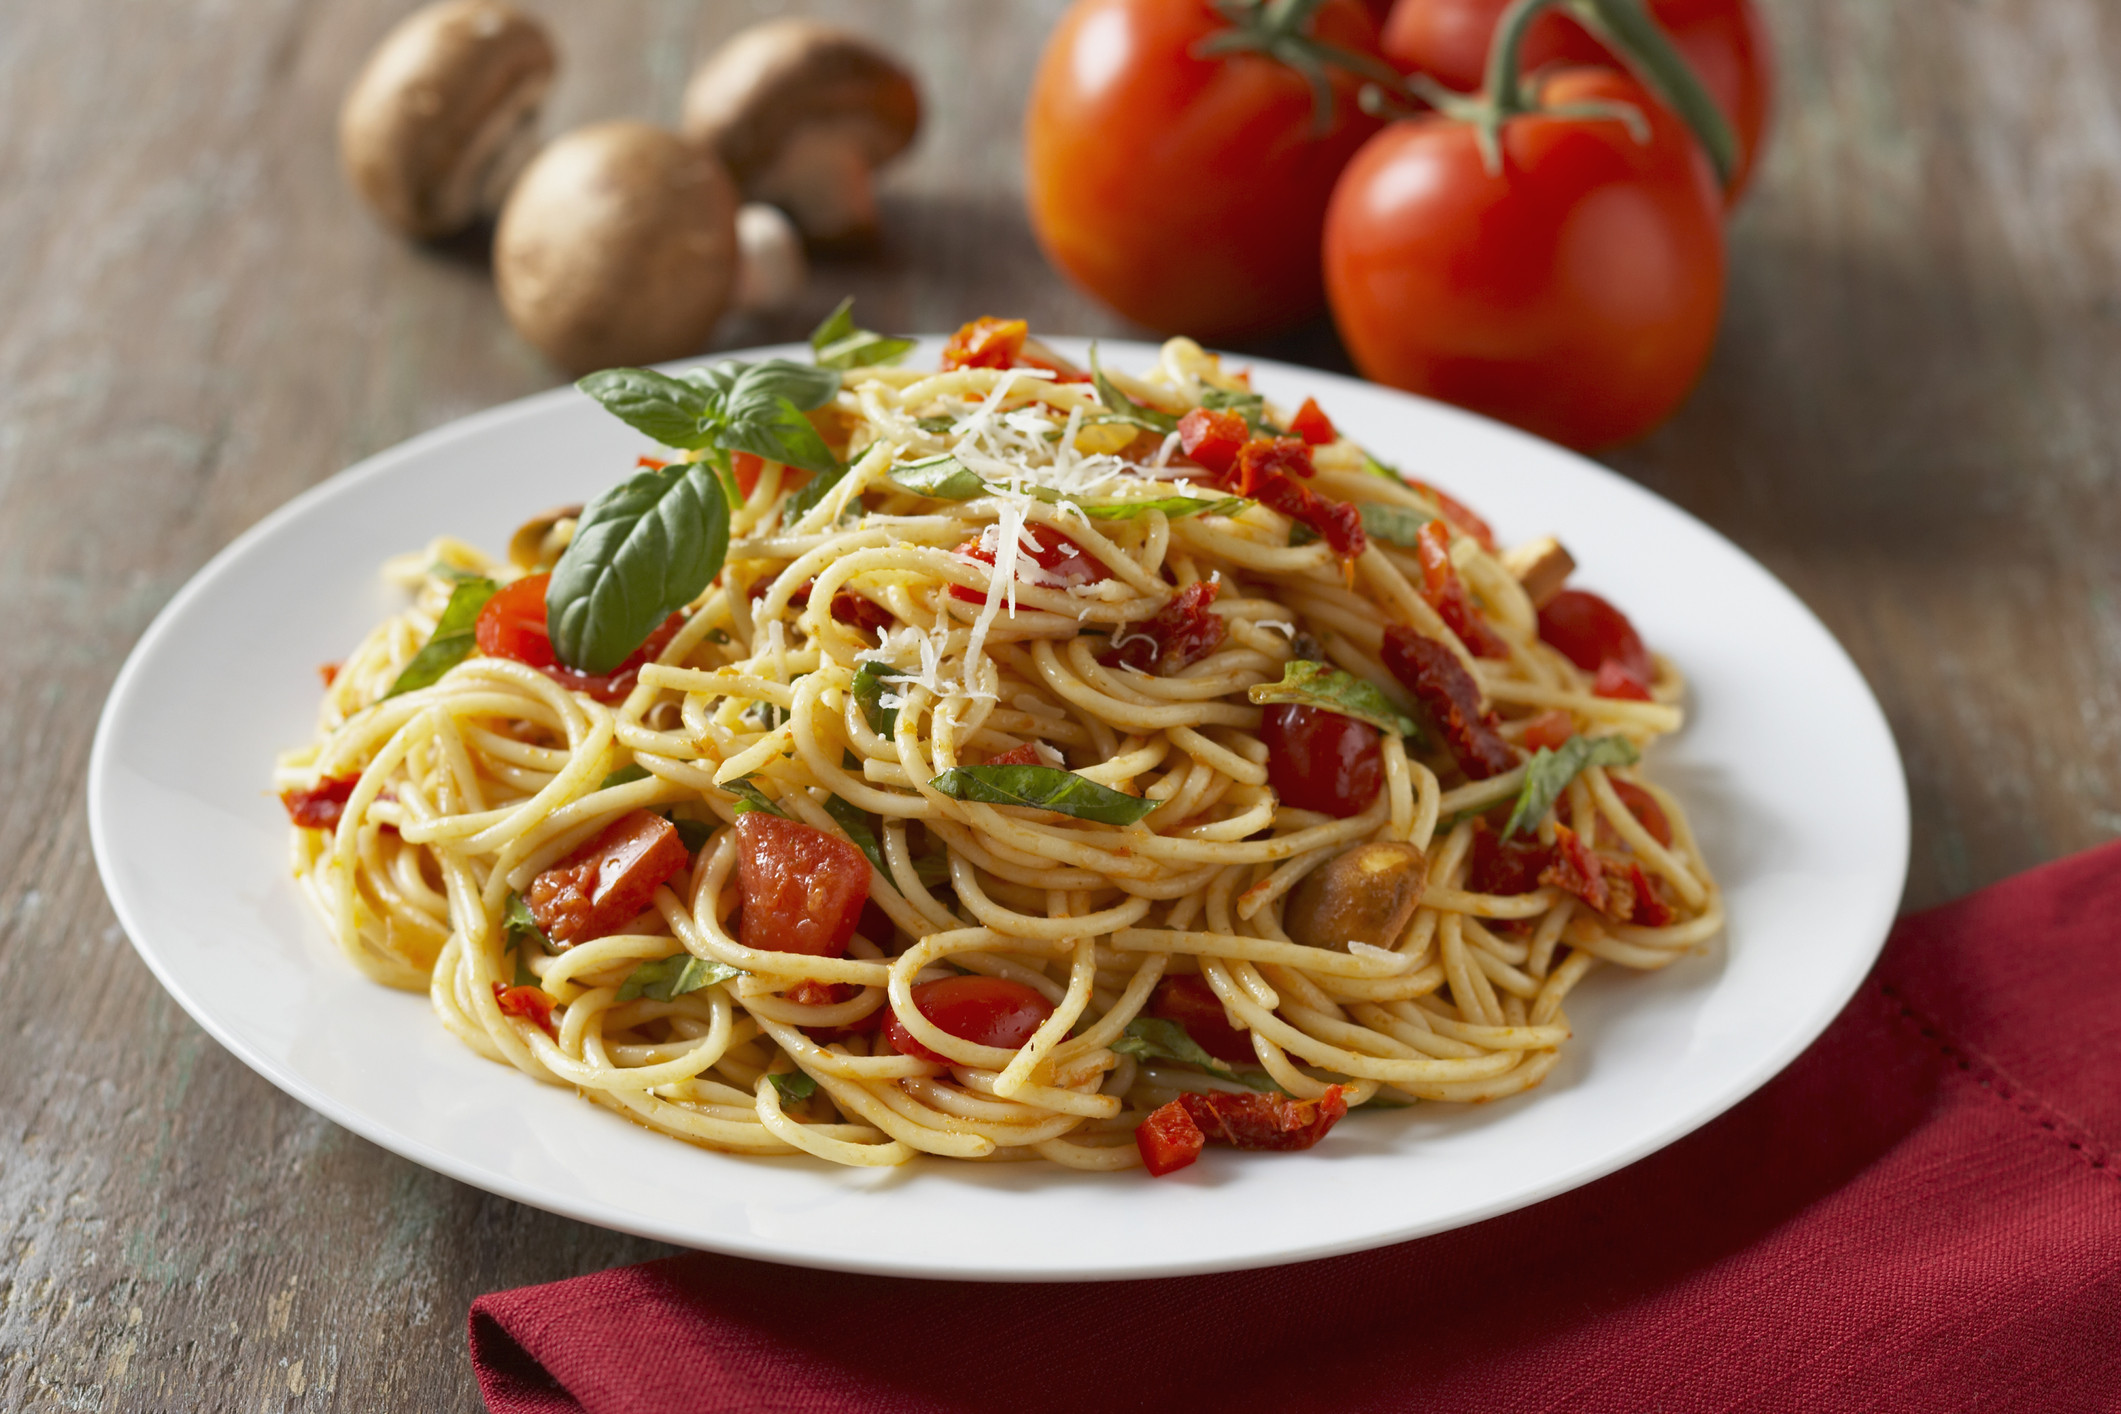 рассказать блюда из спагетти рецепты с фото педжета может